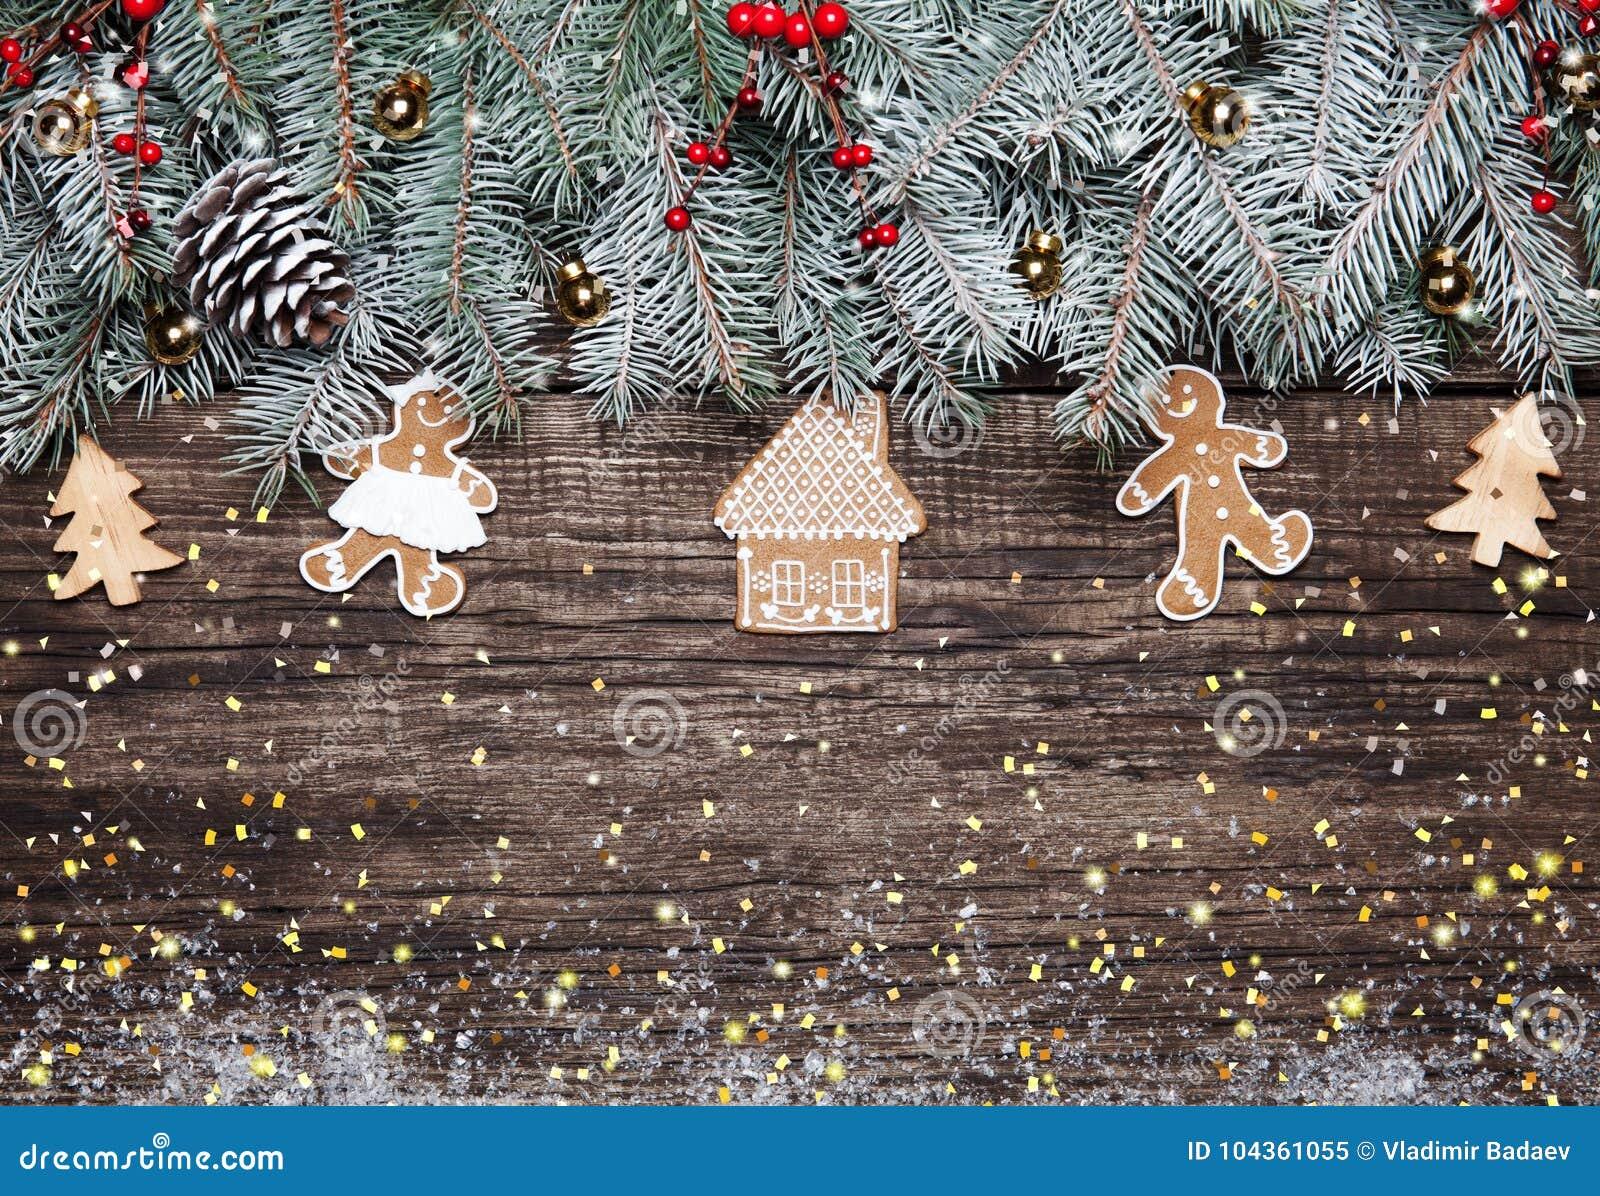 Decorazioni In Legno Per Albero Di Natale : Albero di abete di natale con la decorazione su fondo di legno scuro